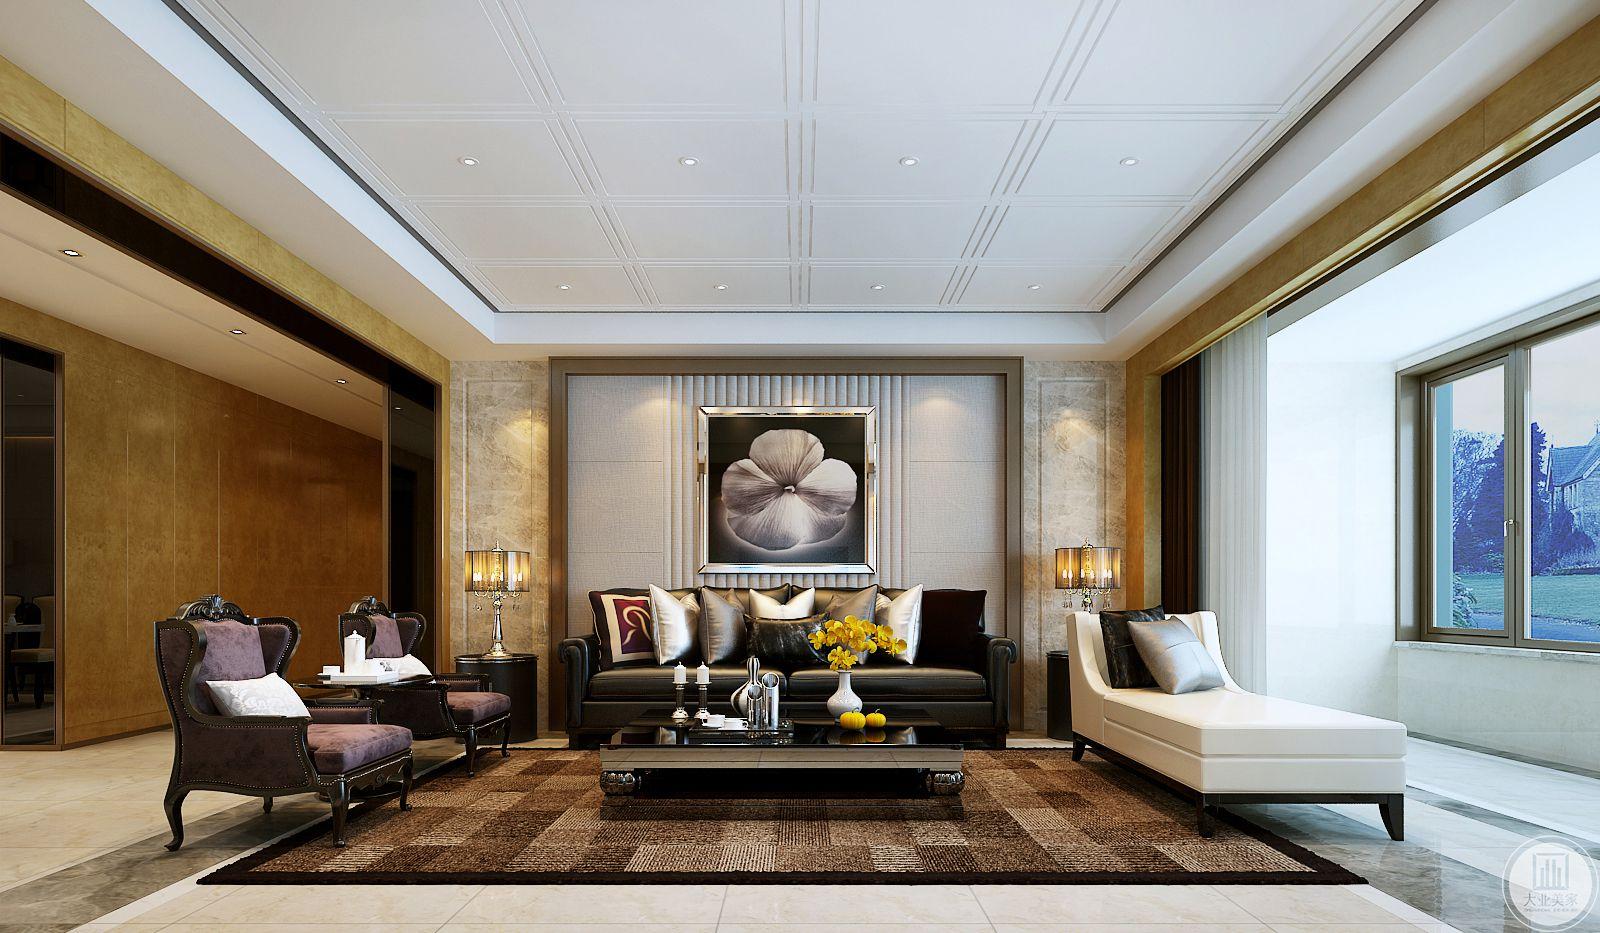 客厅沙发墙采用浅灰色壁布做护墙板,墙面使用现代风格的装饰画,沙发采用黑白互相搭配的真皮沙发,茶几采用金属框架,地面铺浅色瓷砖搭配深棕色地毯。